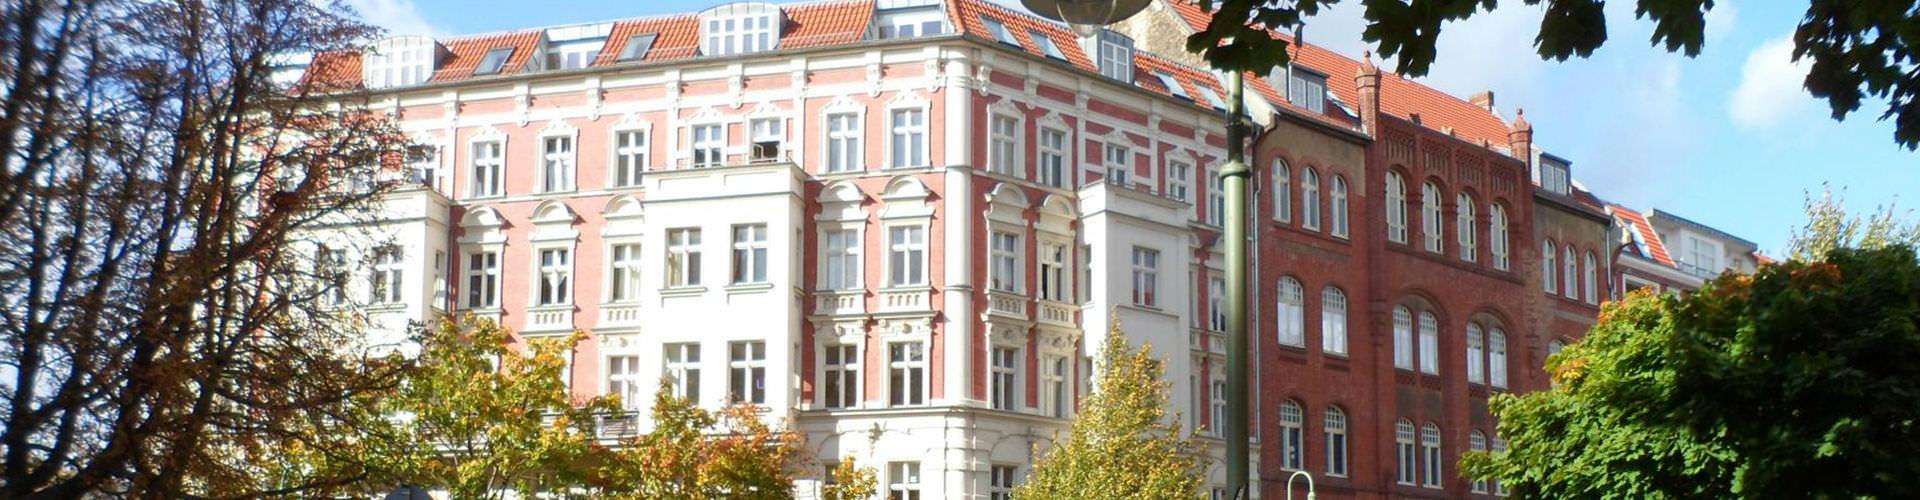 Berlim – Albergues no bairro de Prenzlauer Berg . Mapas para Berlim, Fotos e Avaliações para cada Albergue em Berlim.